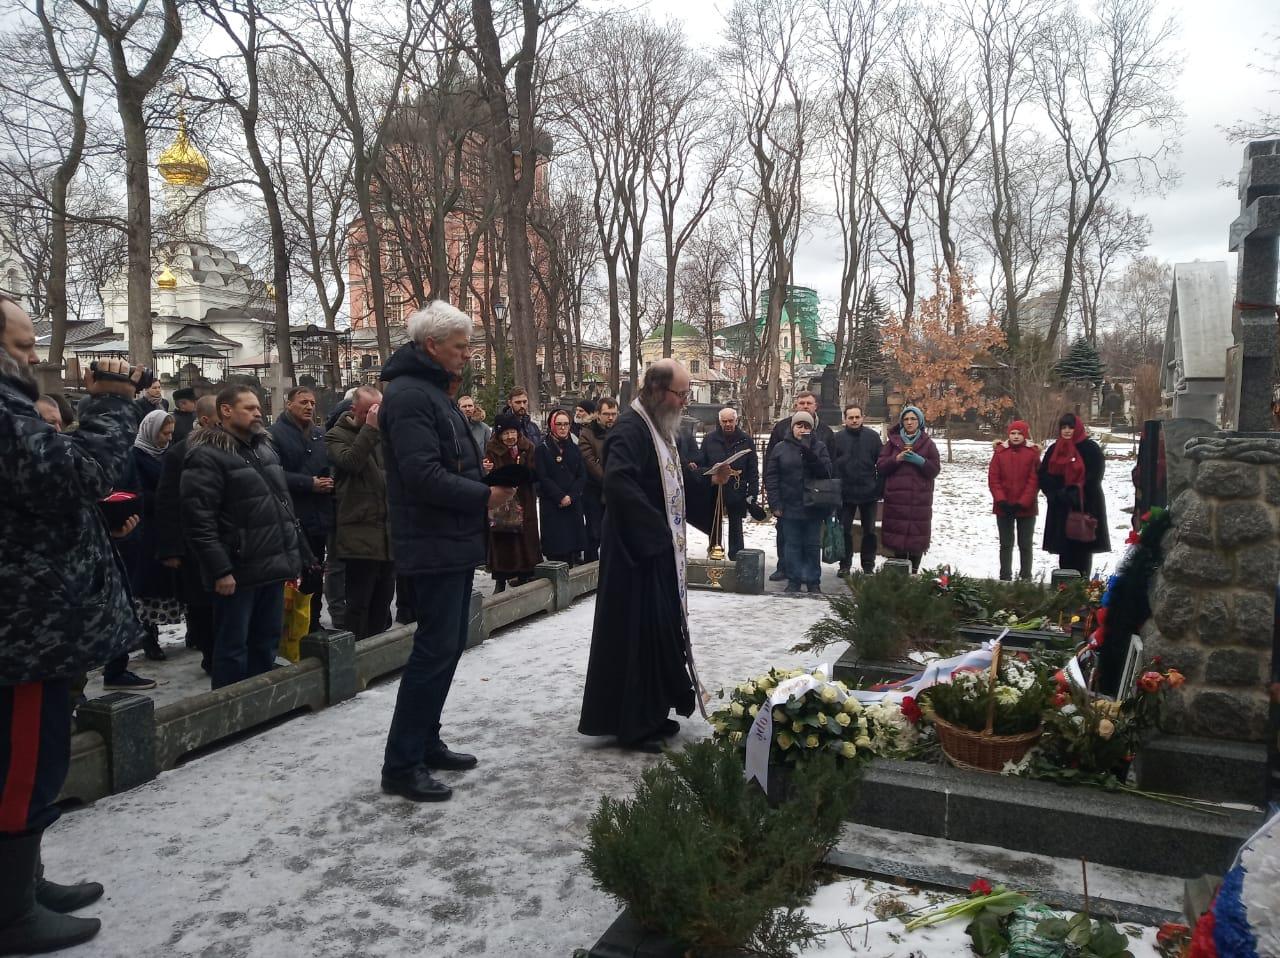 Панихида на могиле генерала Каппеля в Донском монастыре Москвы